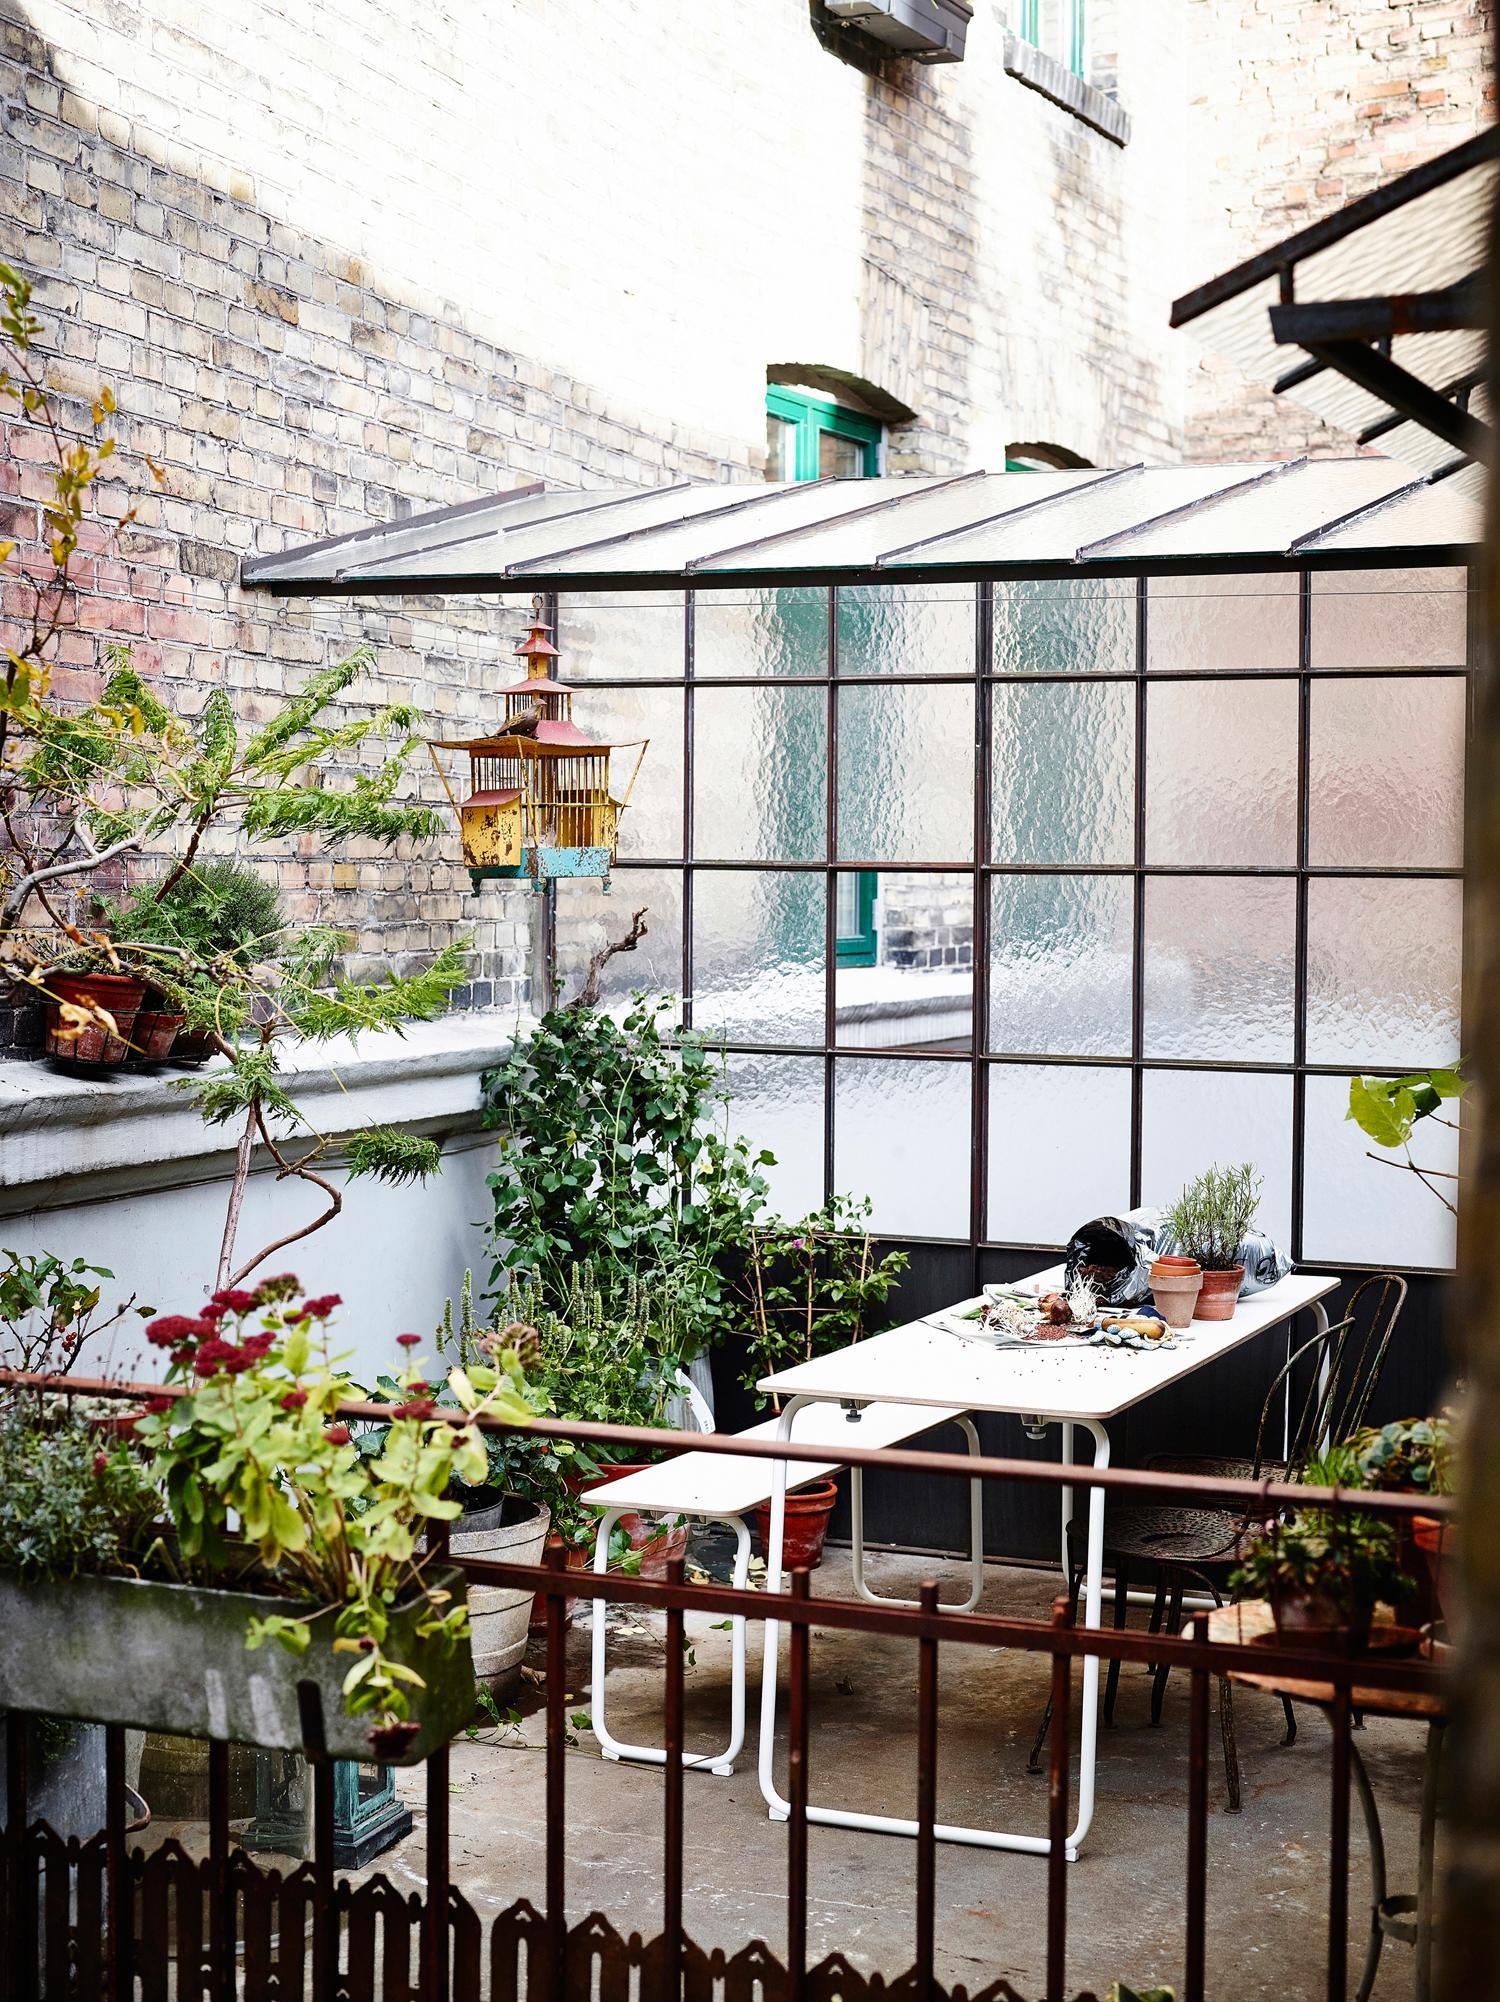 Terrasse mit Sichtschutz: So schaffst du Privatsphäre!